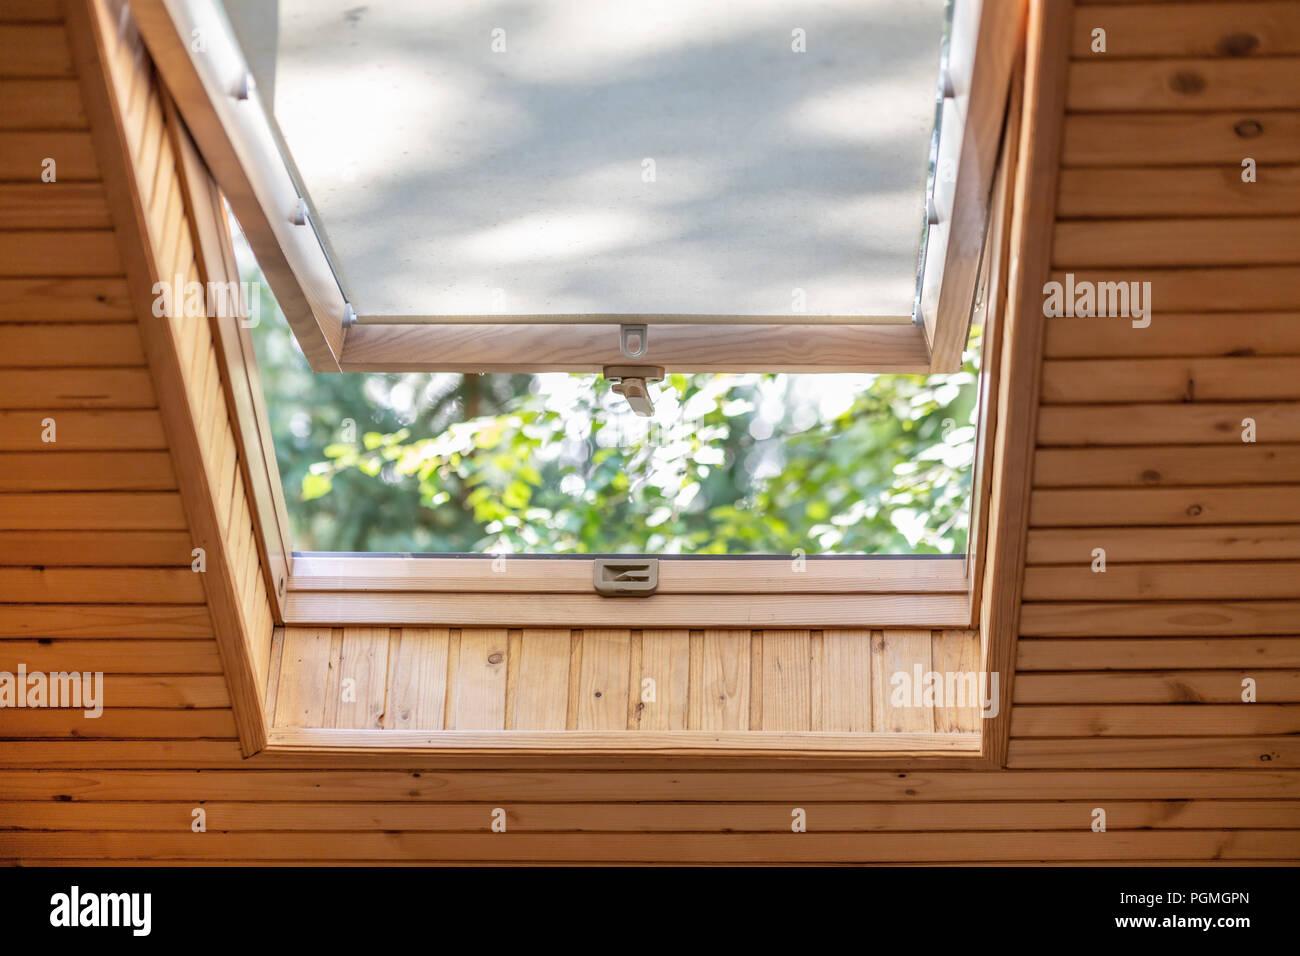 Geöffnet Dach Fenster Mit Jalousien Oder Gardinen In Holz